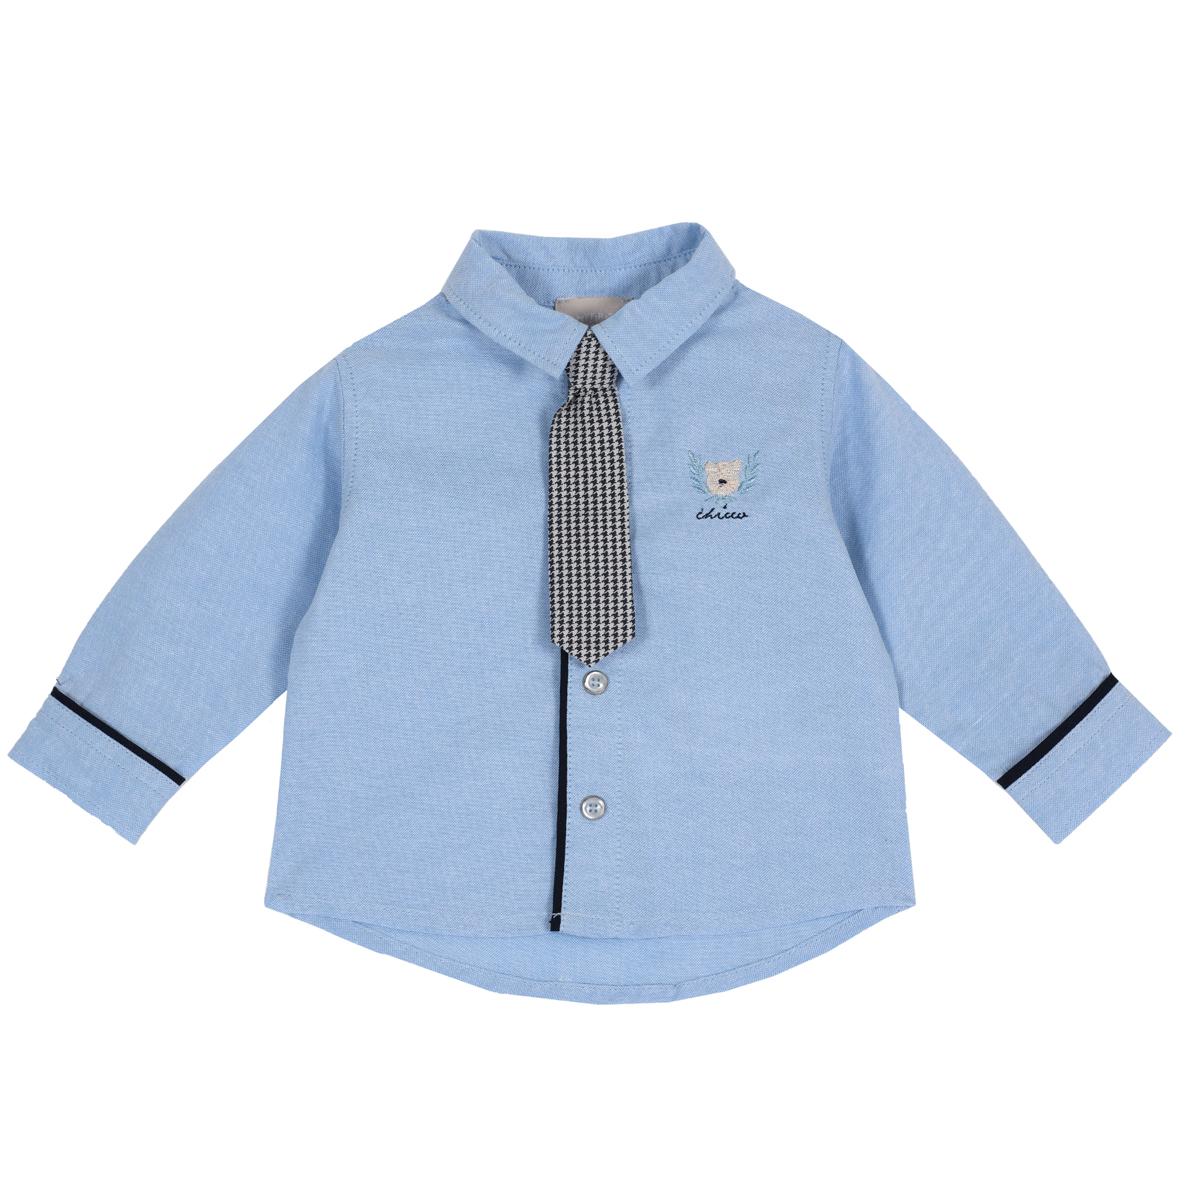 Camasa Copii Eleganta Chicco, Cravata Carouri, 54487 imagine